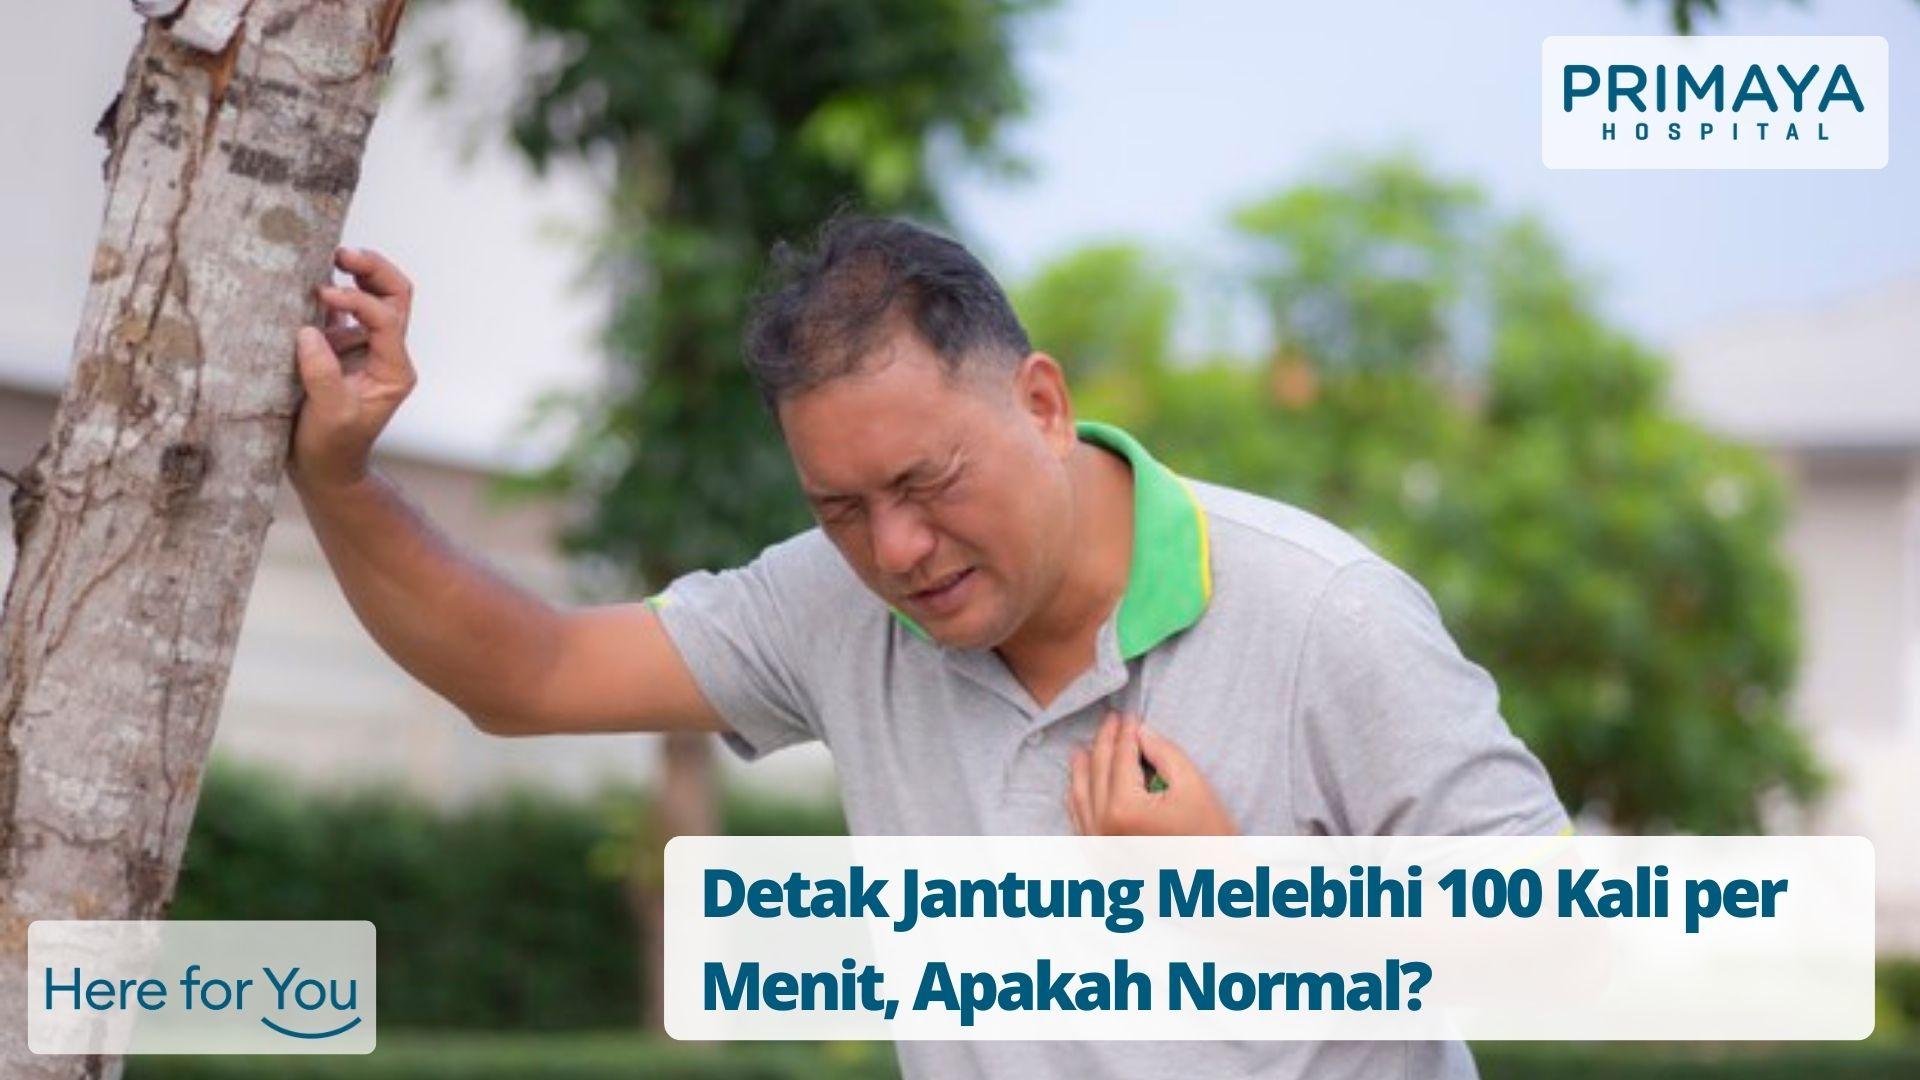 Detak Jantung Melebihi 100 Kali per Menit, Apakah Normal_